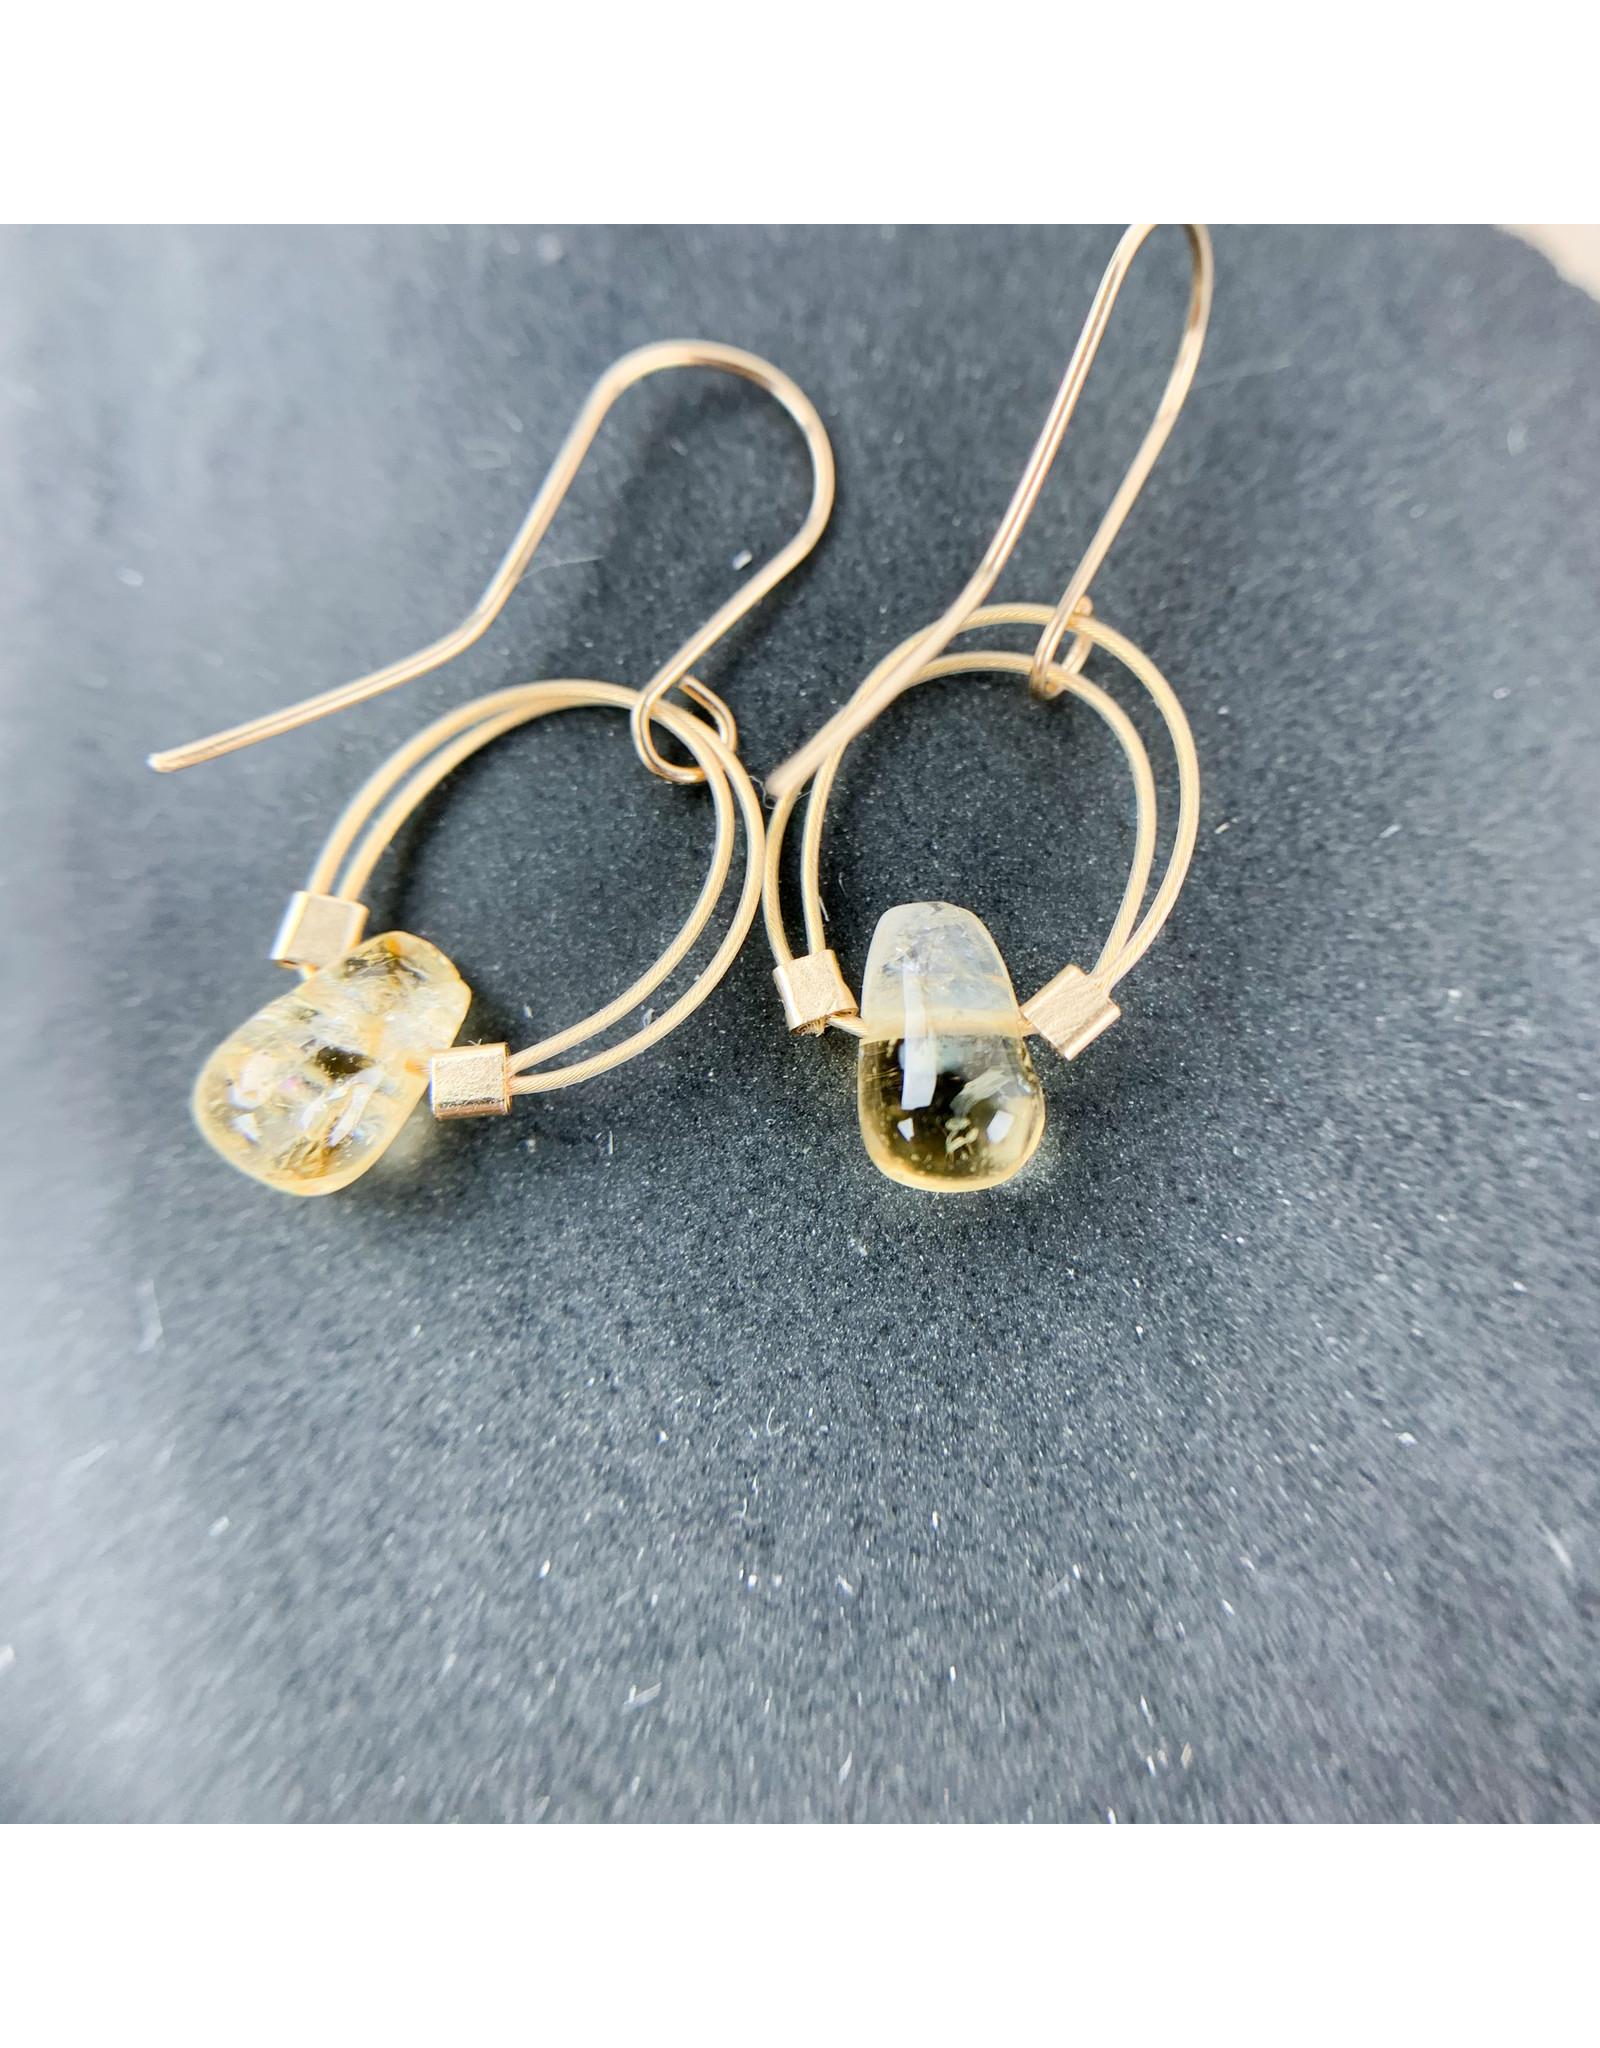 Nicole Collodoro Citrine Flex Wire Hoops Gold